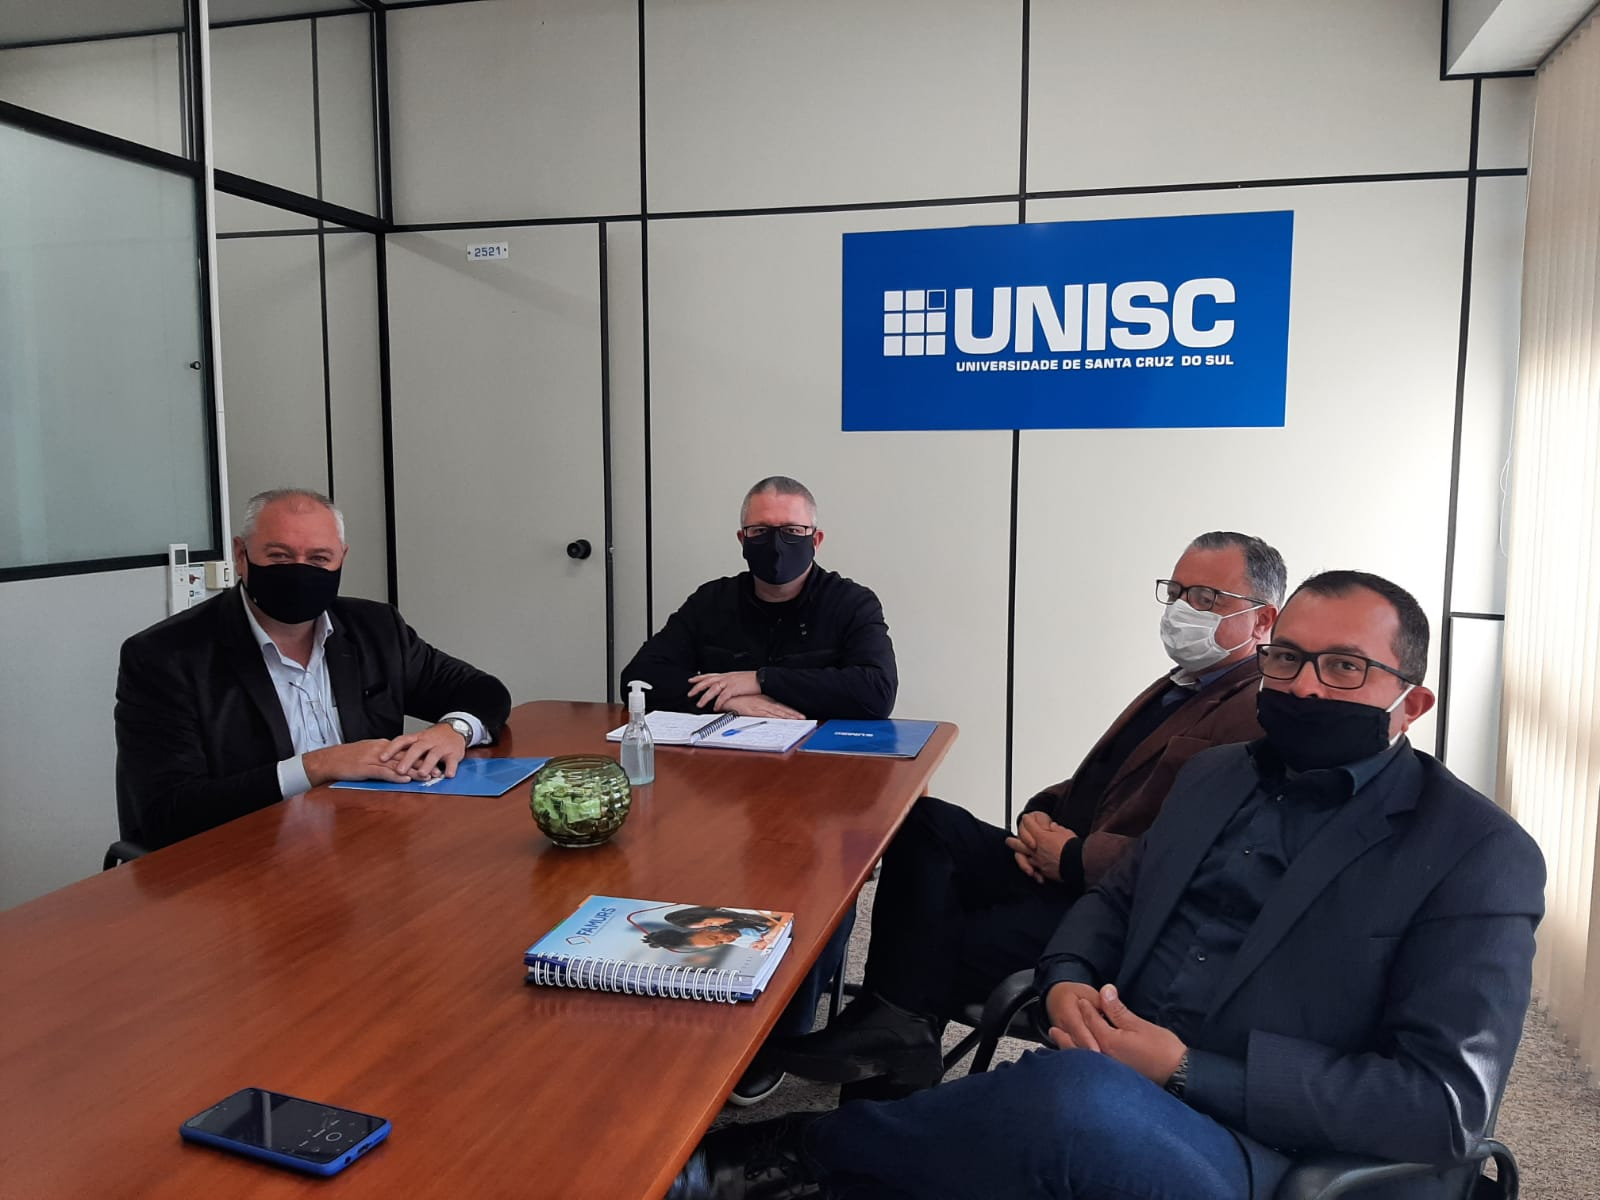 Prefeitura de Sobradinho busca ampliar a atuação da Unisc no Município